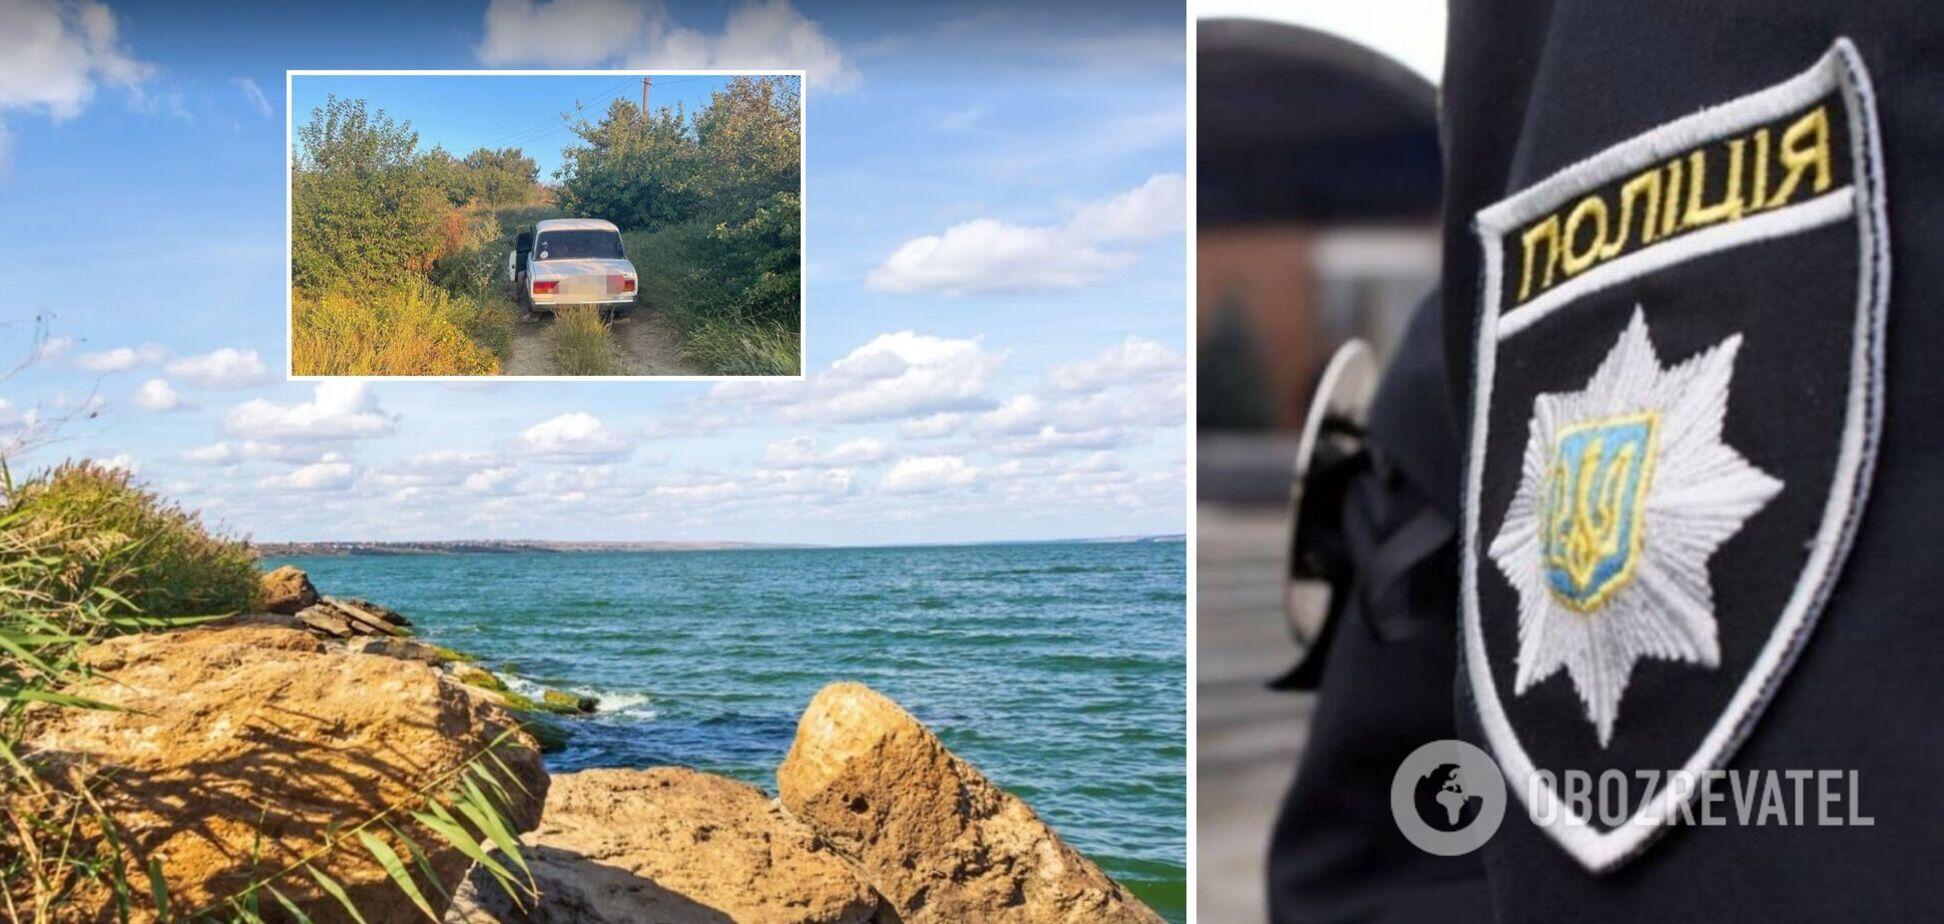 Біля Хаджибейського лиману знайшли труп в авто